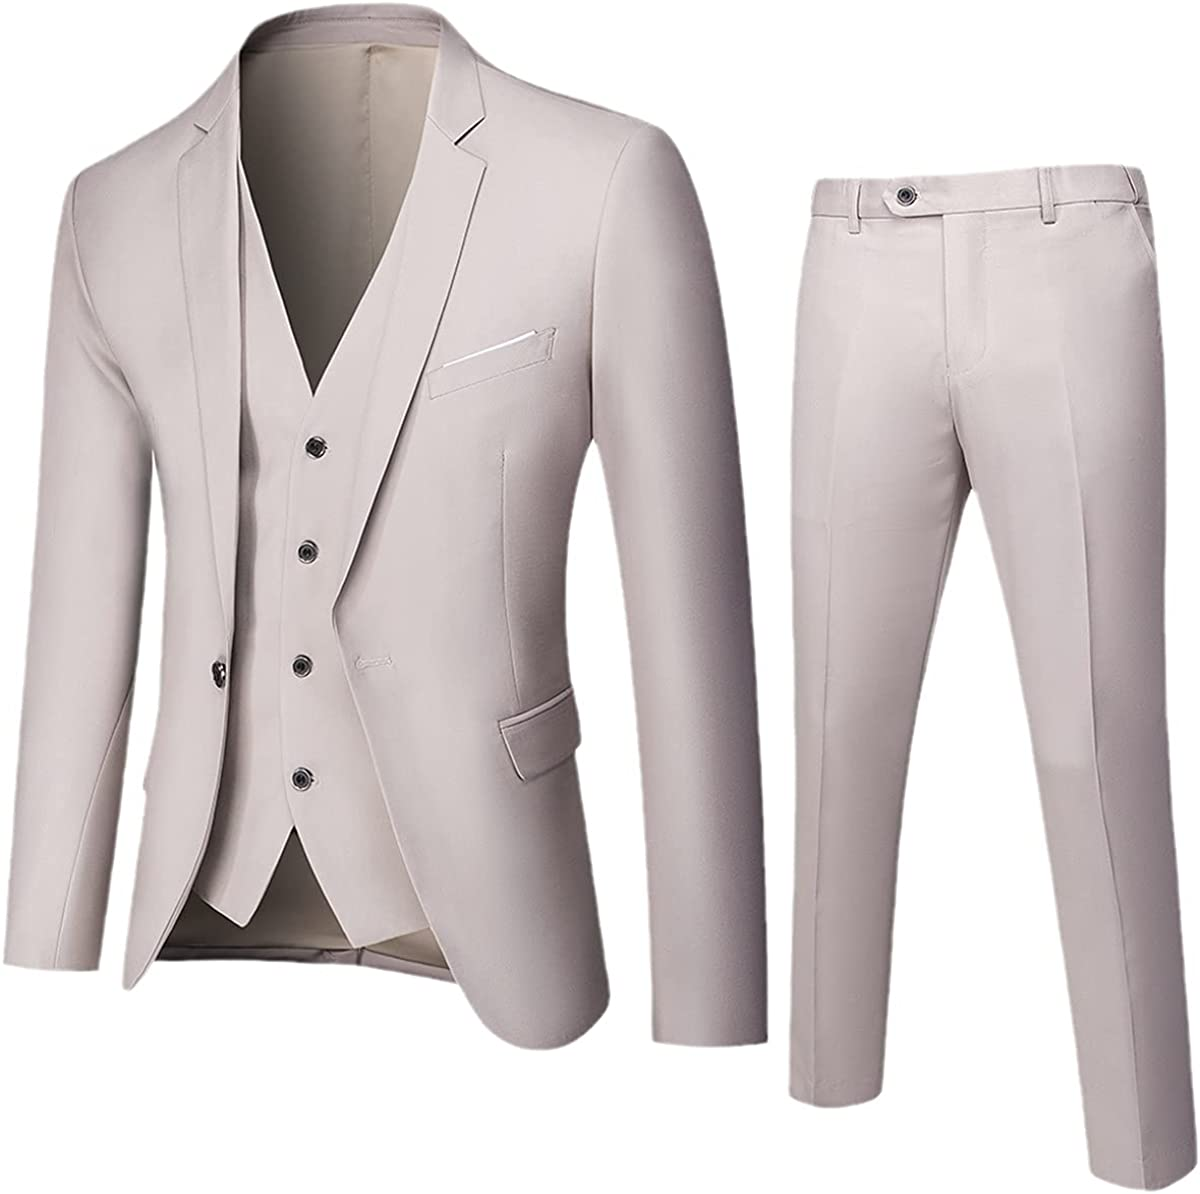 CACLSL Business Suit Jacket Trousers Vest Men's Wedding Three-Piece Trousers Vest Plus Size Professional Suit